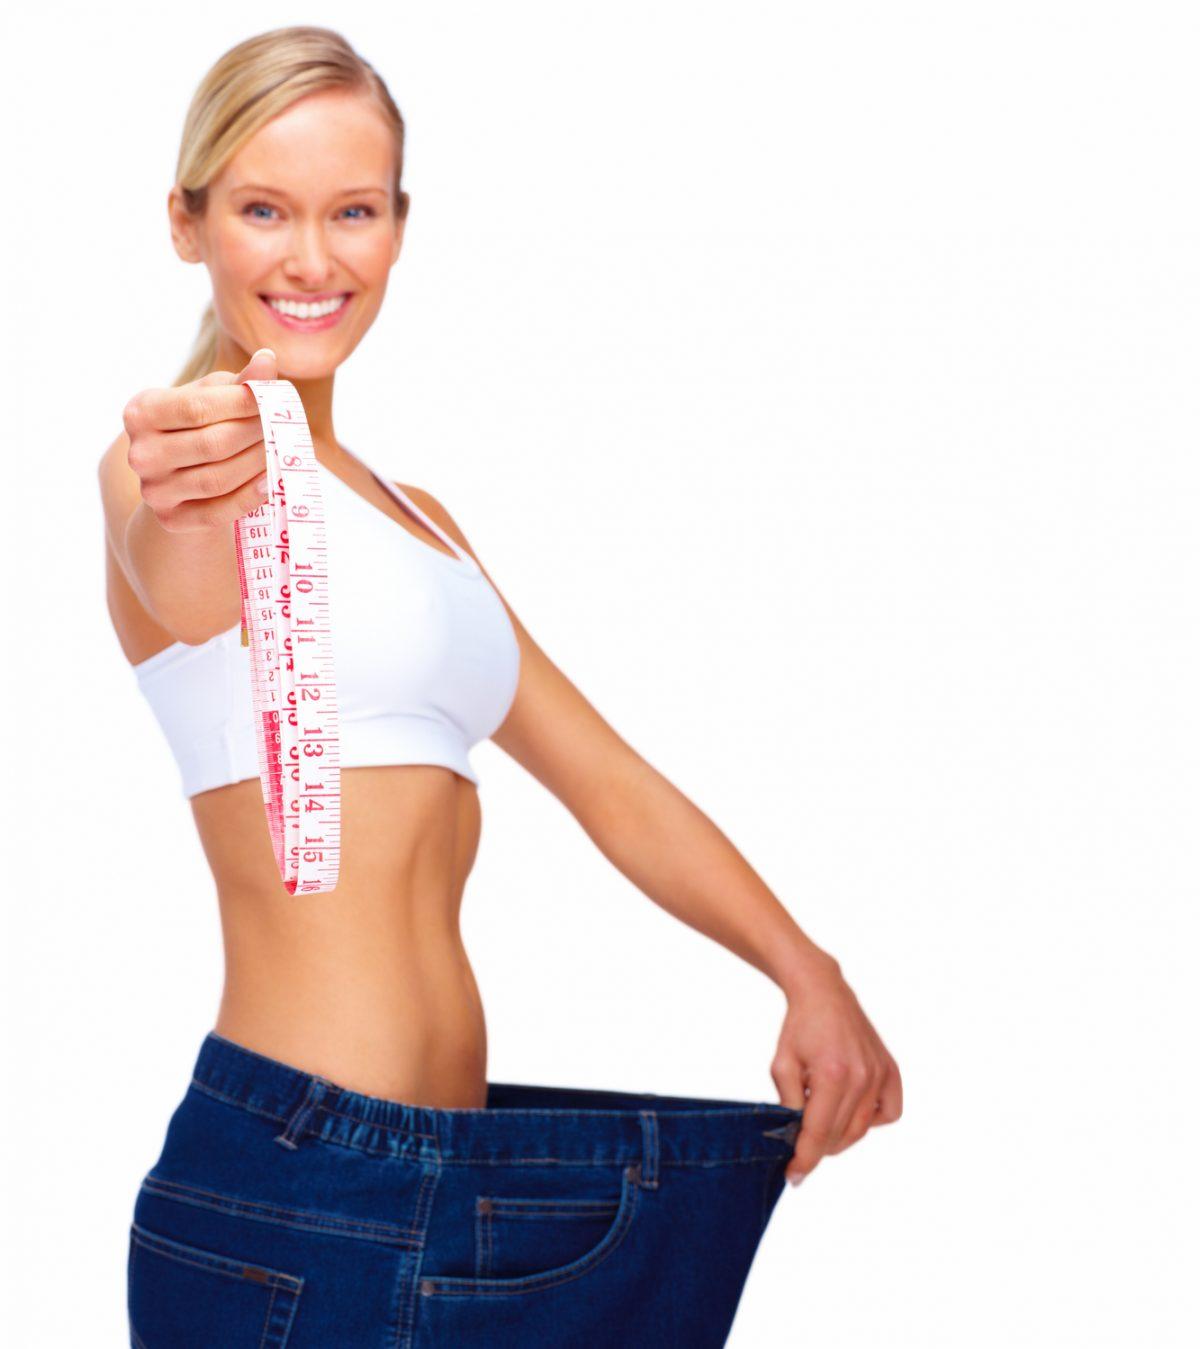 Weightloss Concept